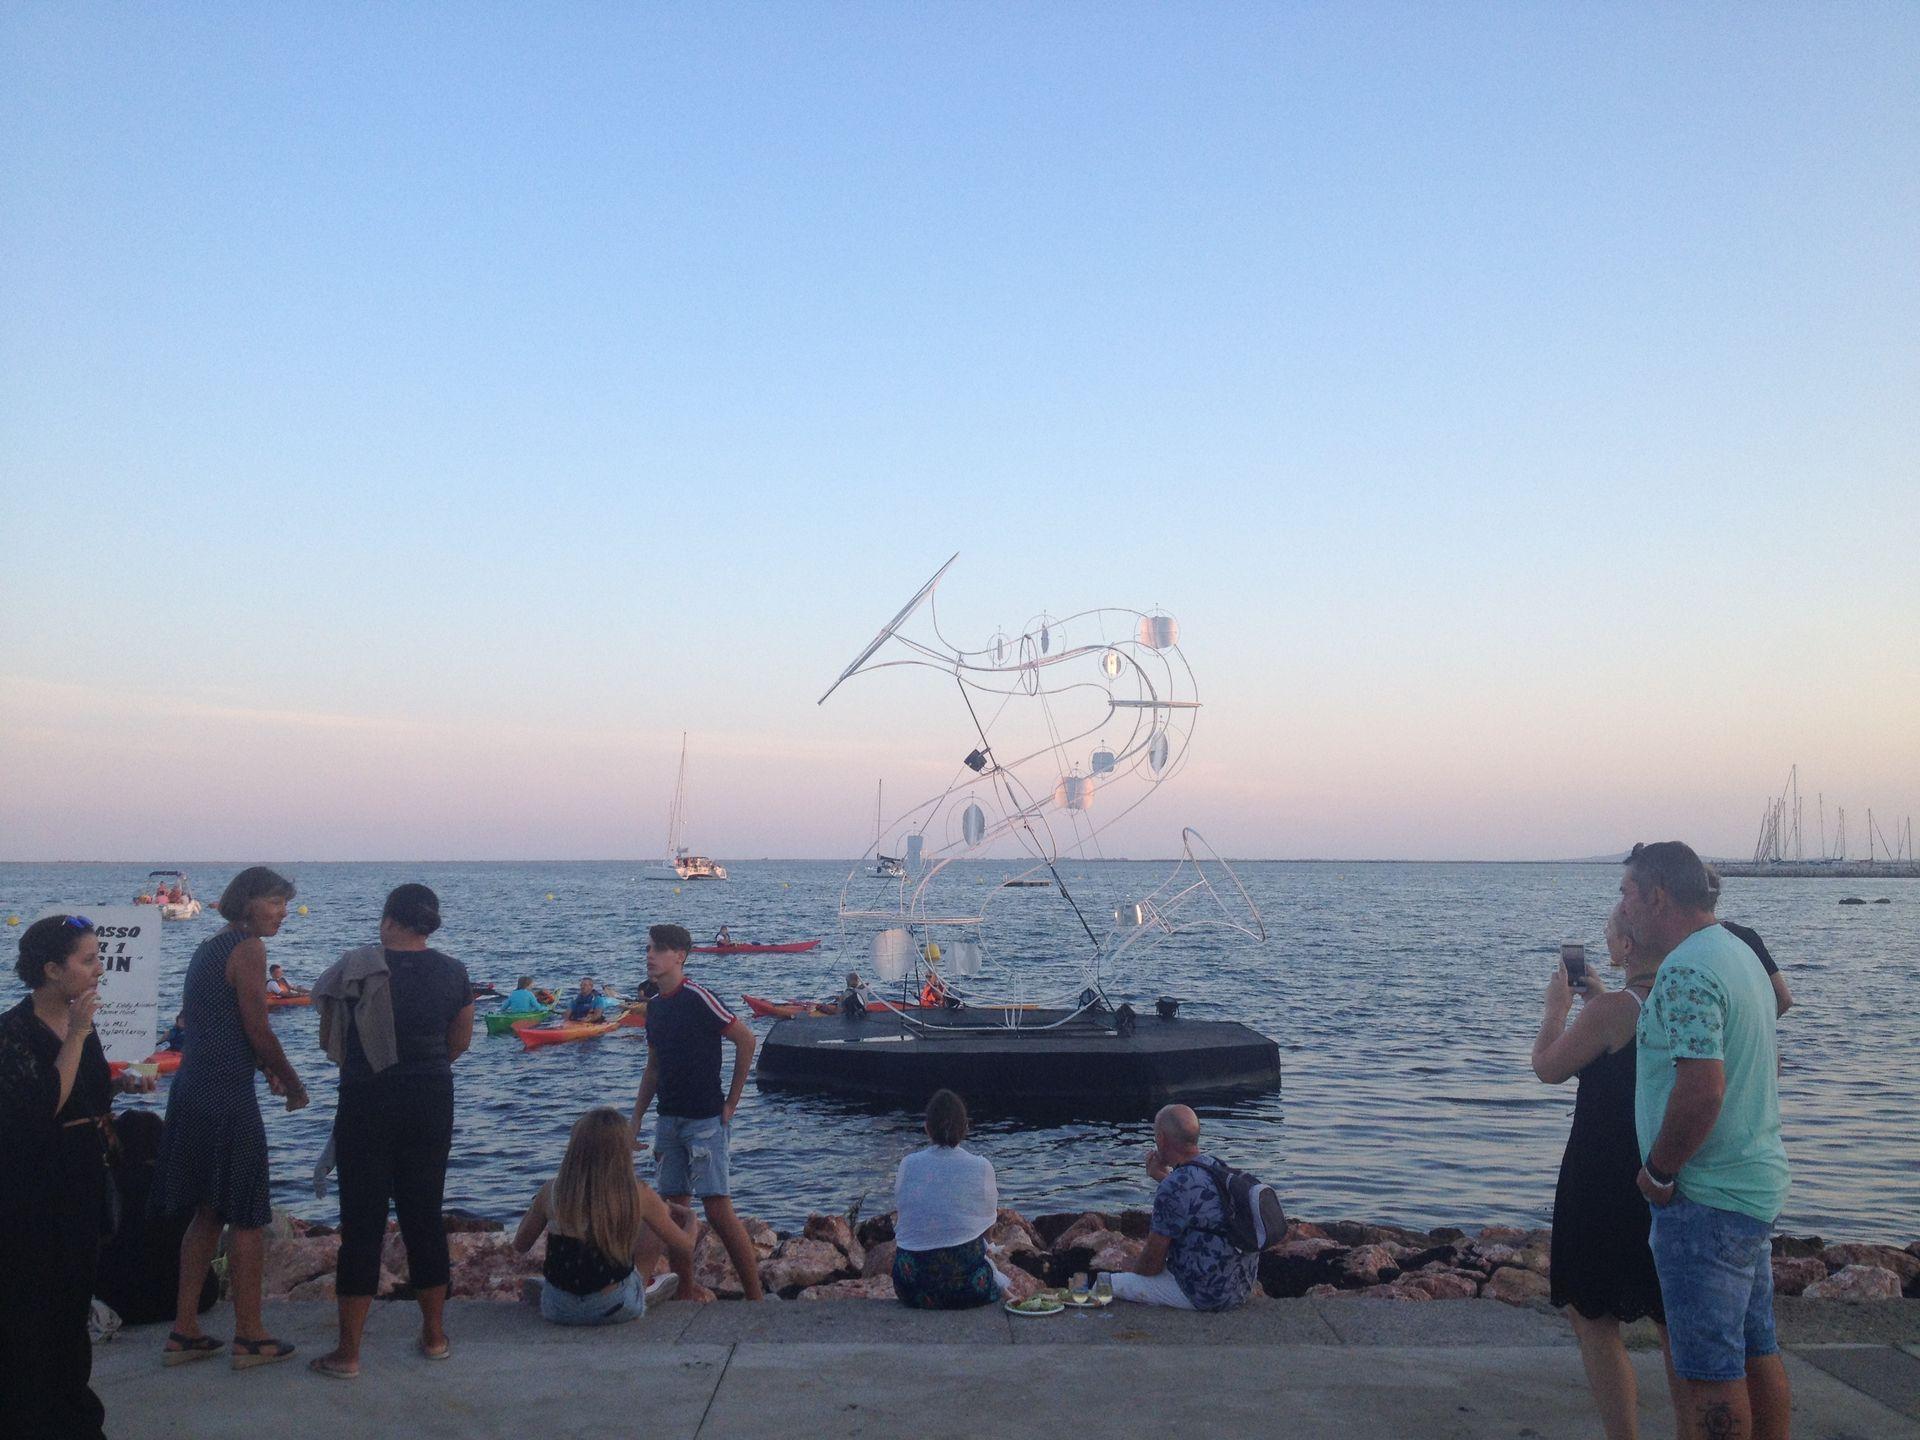 Structure flottante, canoë et bateaux sur l'étang de Thau - personnes assises sur la digue de rocher lors du Festival de Thau à Mèze